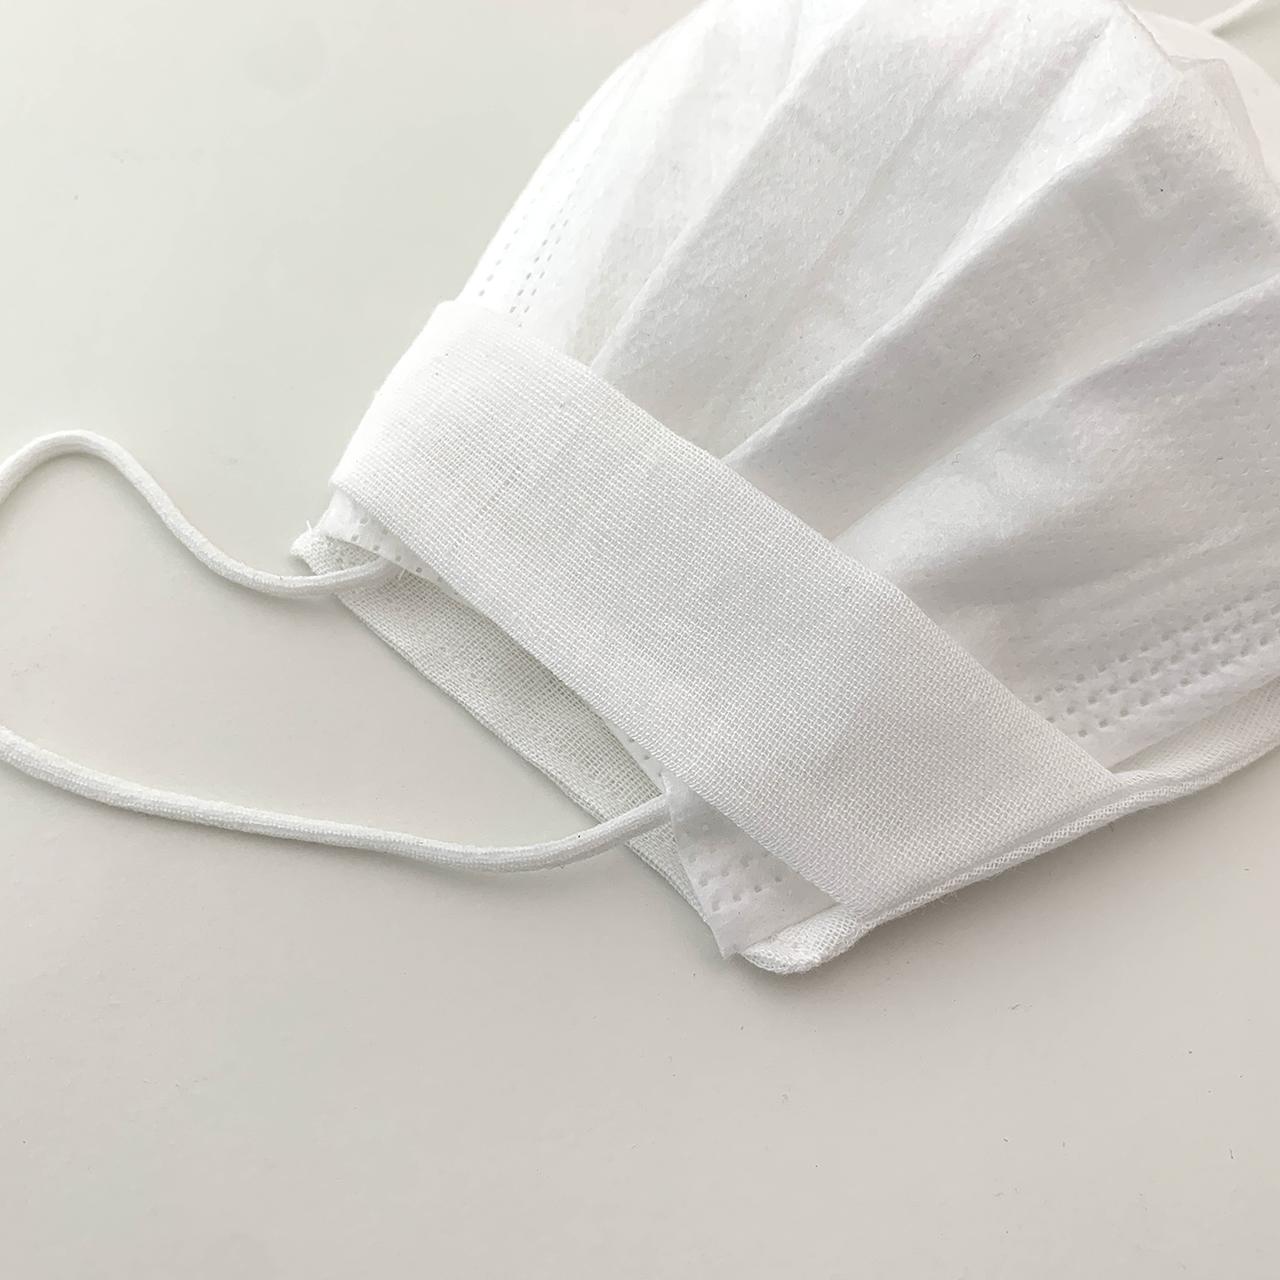 インナーマスクカバー「シンプル」 不織布マスクの下にするガーゼのゴムなしマスクカバーです